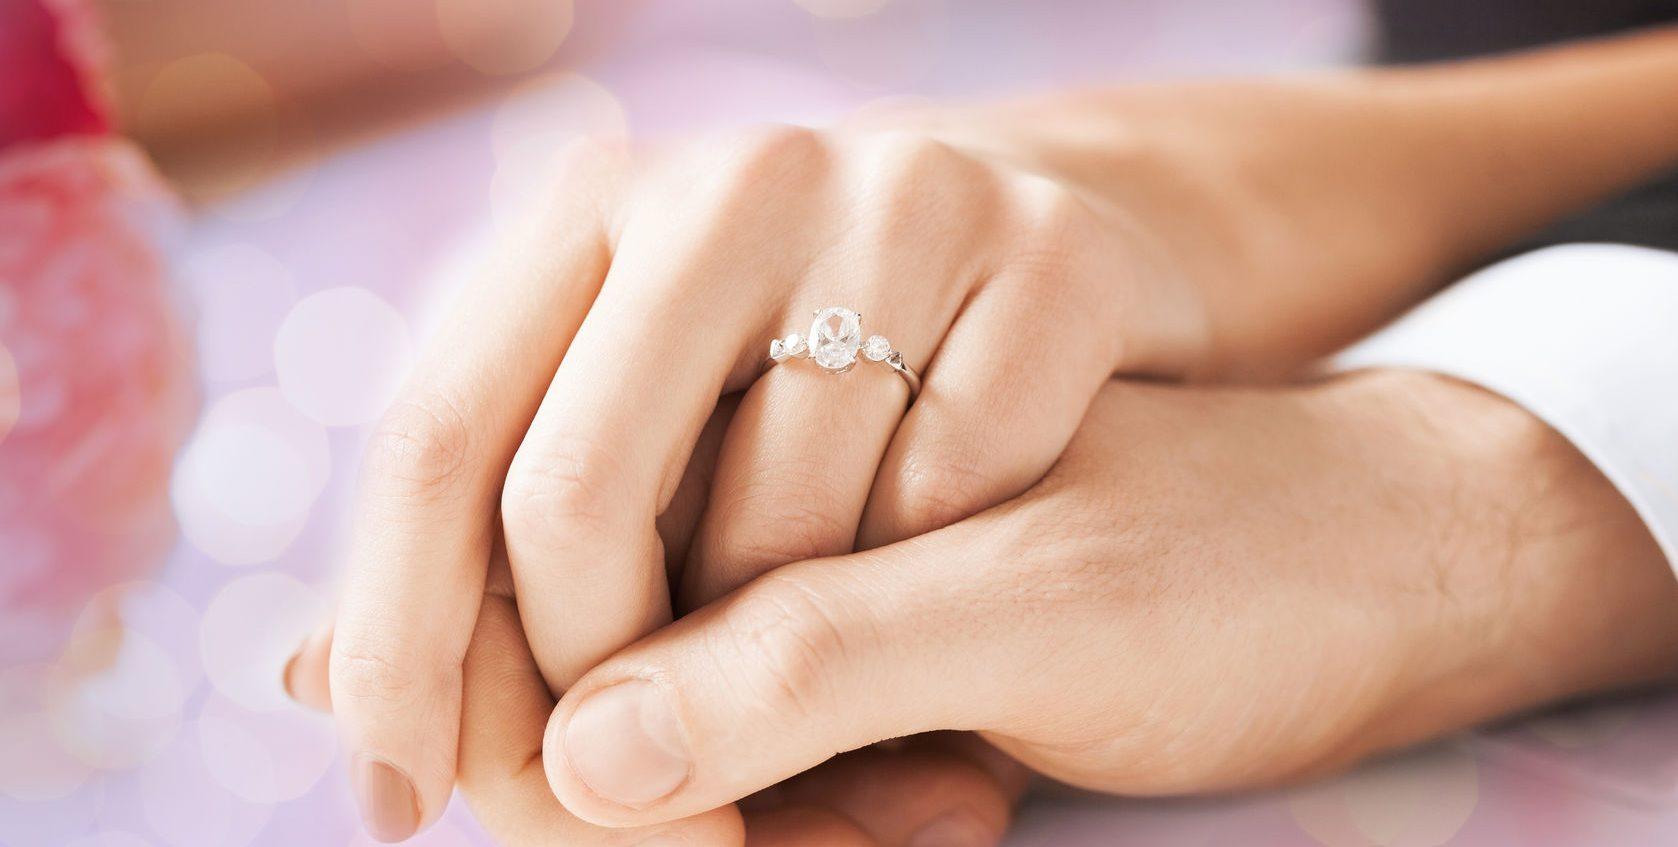 Het nieuwe huwelijksvermogensrecht en de eenmanszaak